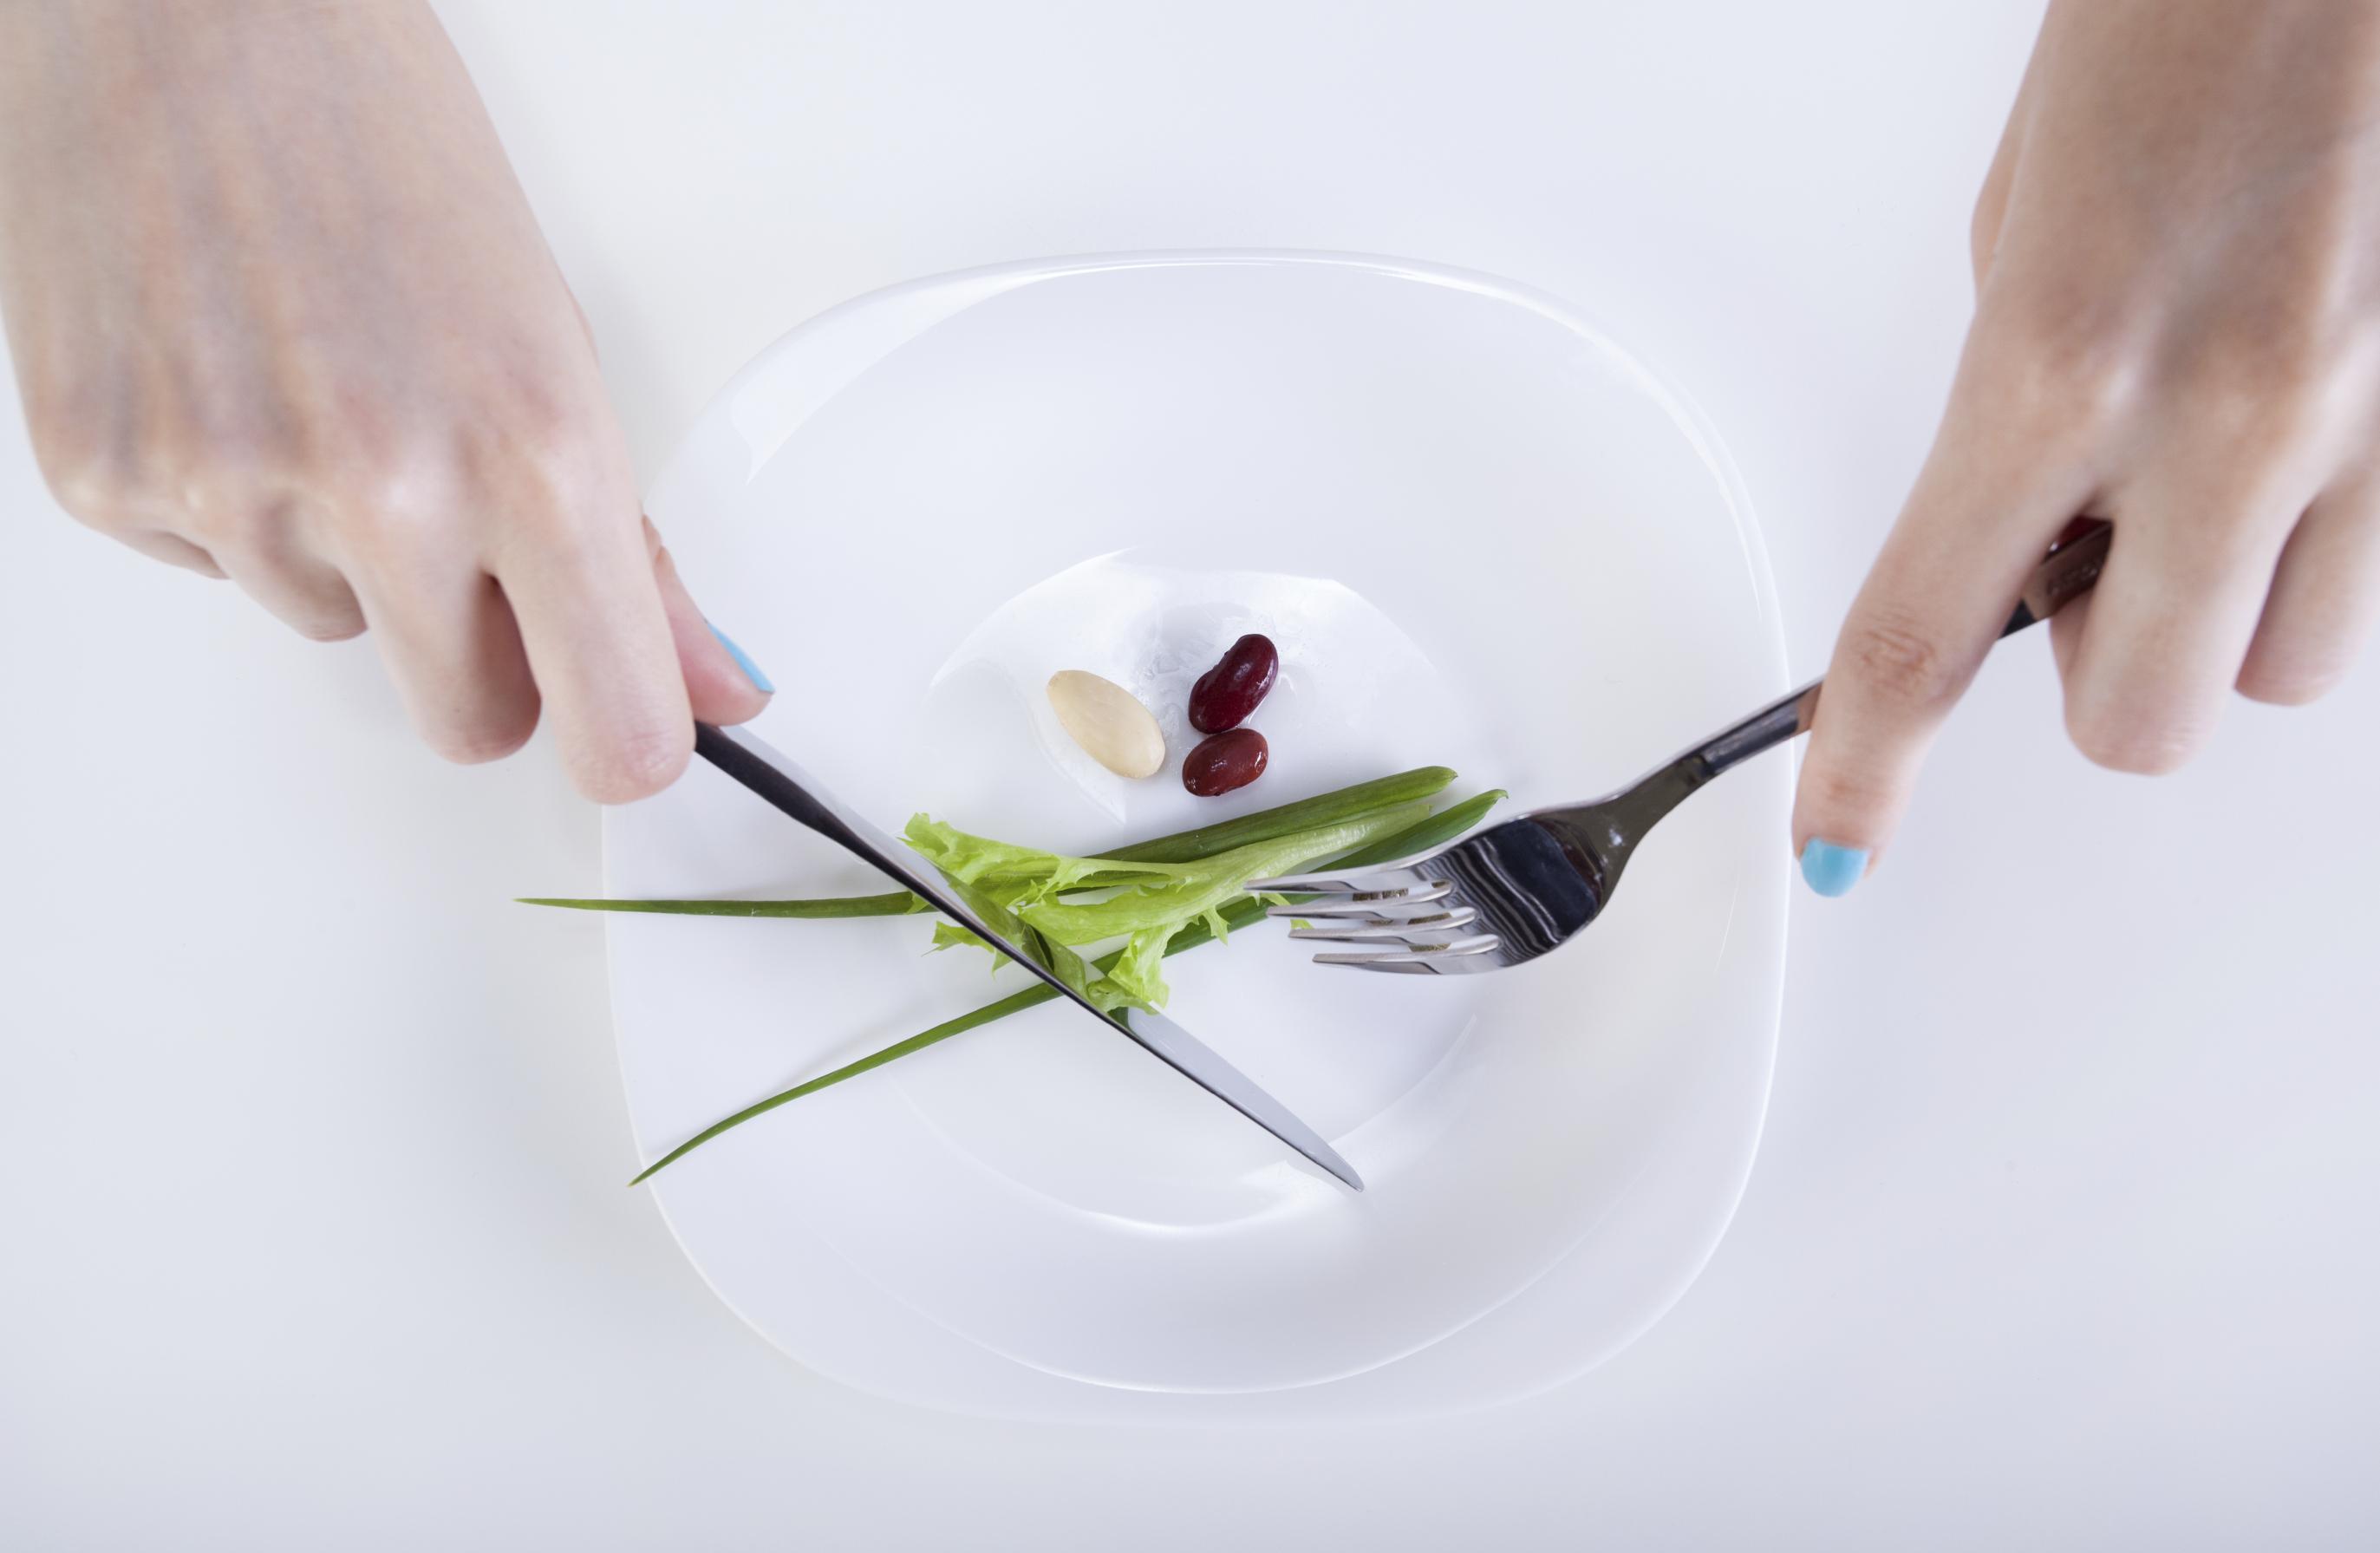 Les calories ont-elles toutes une valeur équivalente?